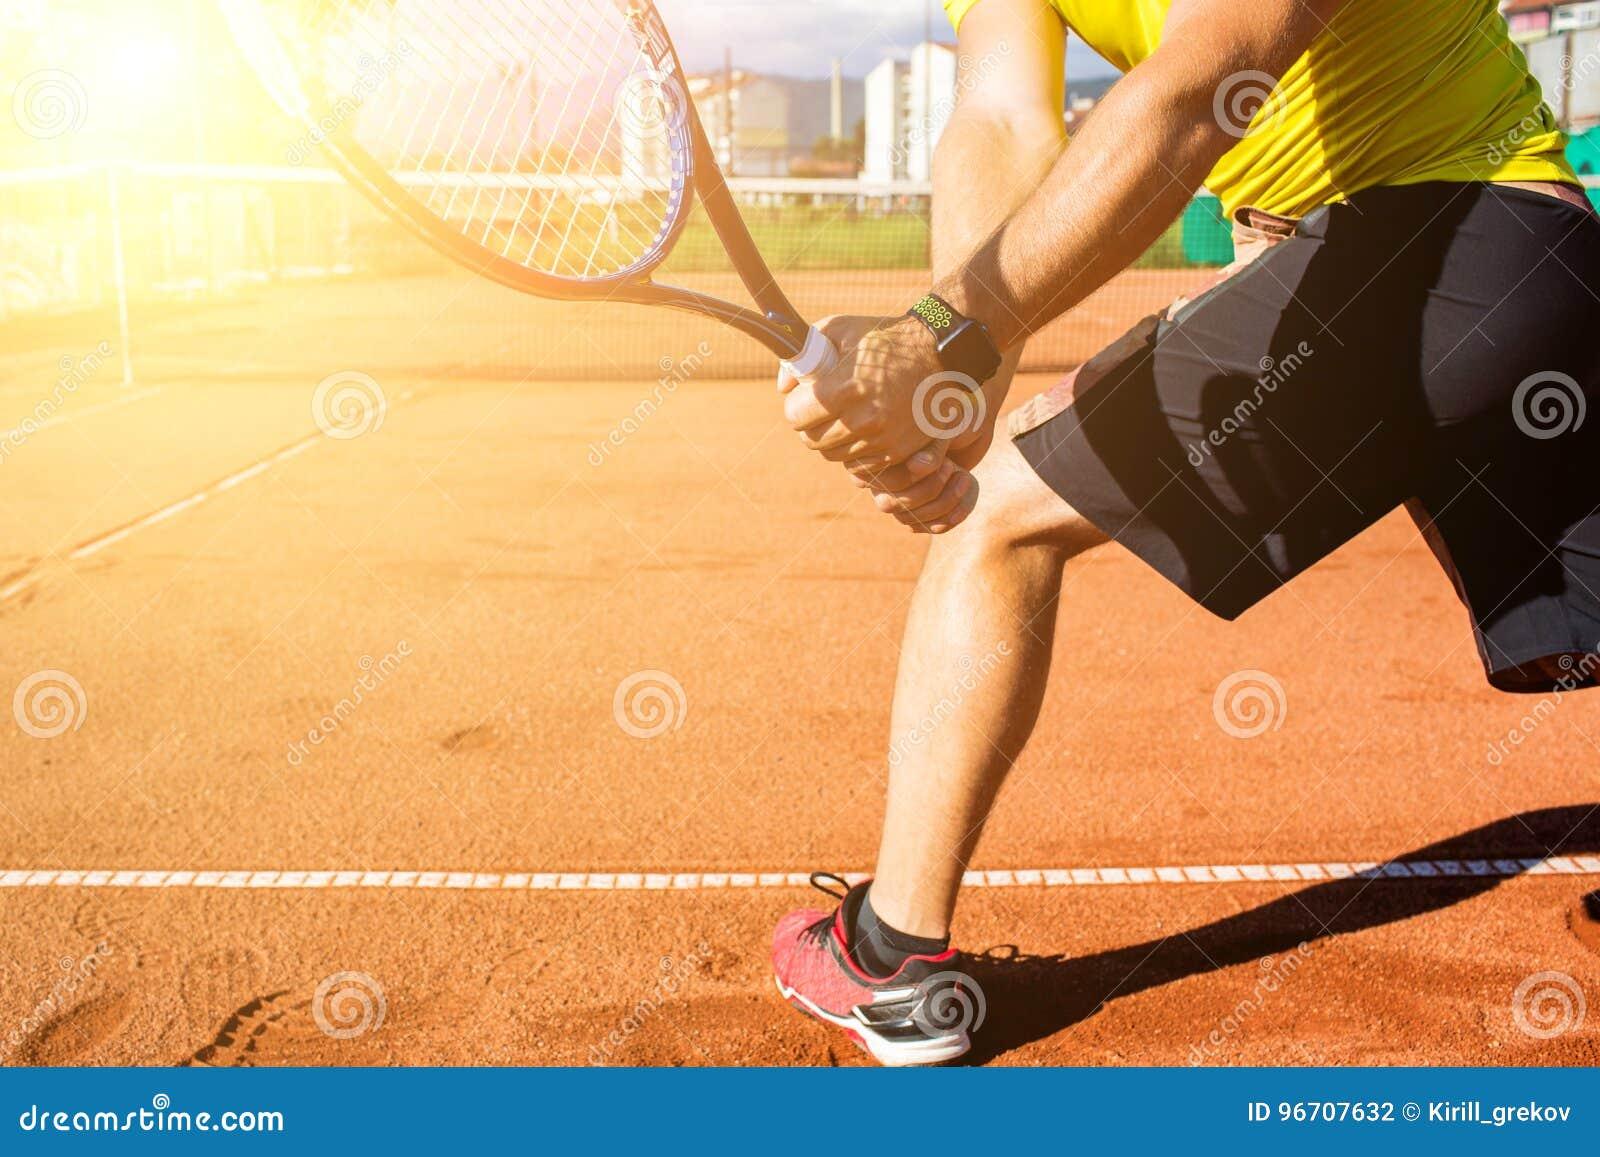 Mannelijke hand met tennisracket